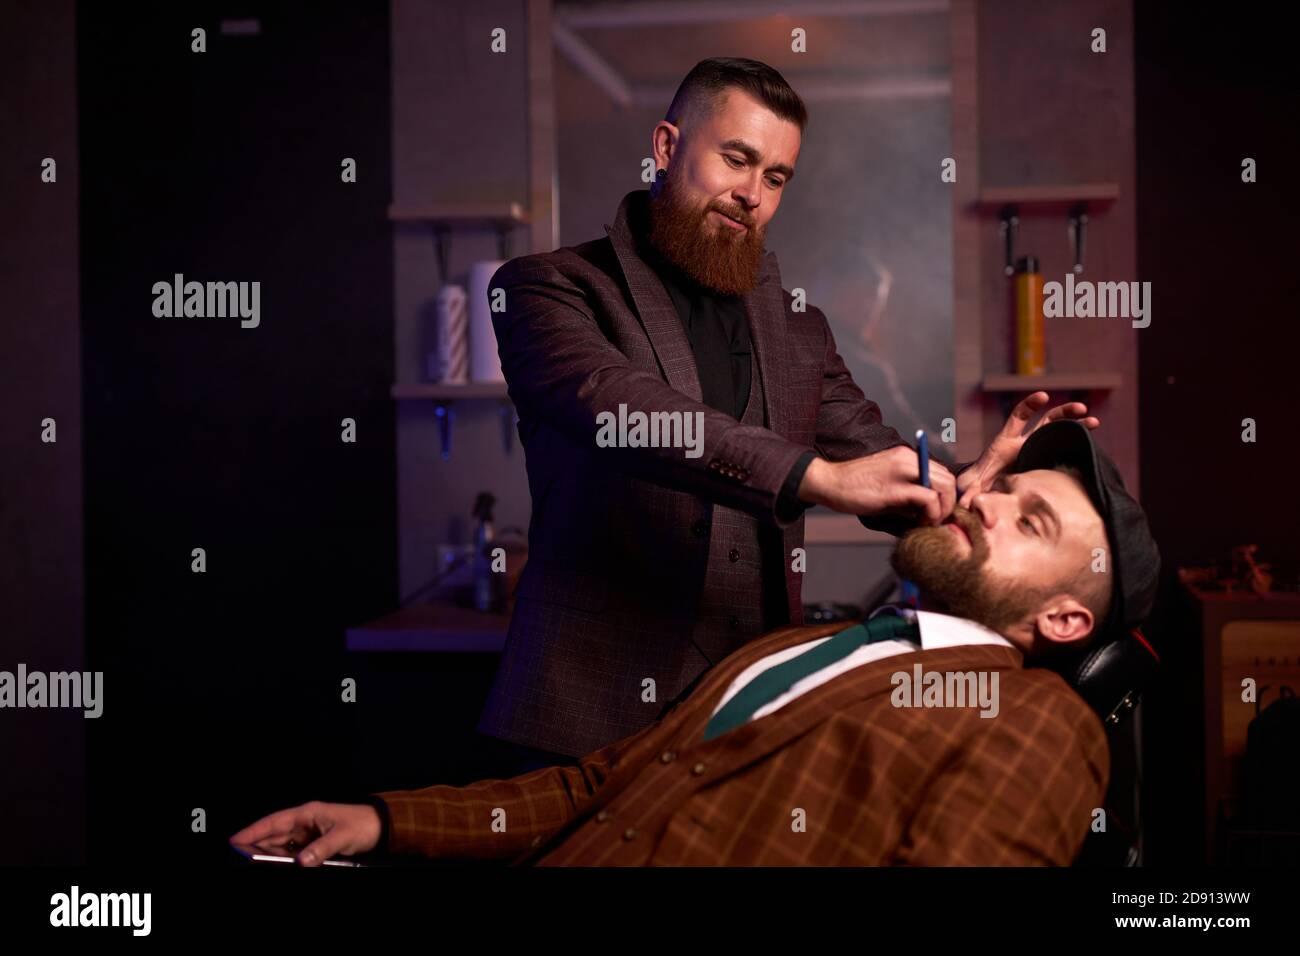 concepto de tienda de belleza para hombres. peluquería profesional afeitando la barba a los clientes ricos en una peluquería, cortes de pelo brutales Foto de stock